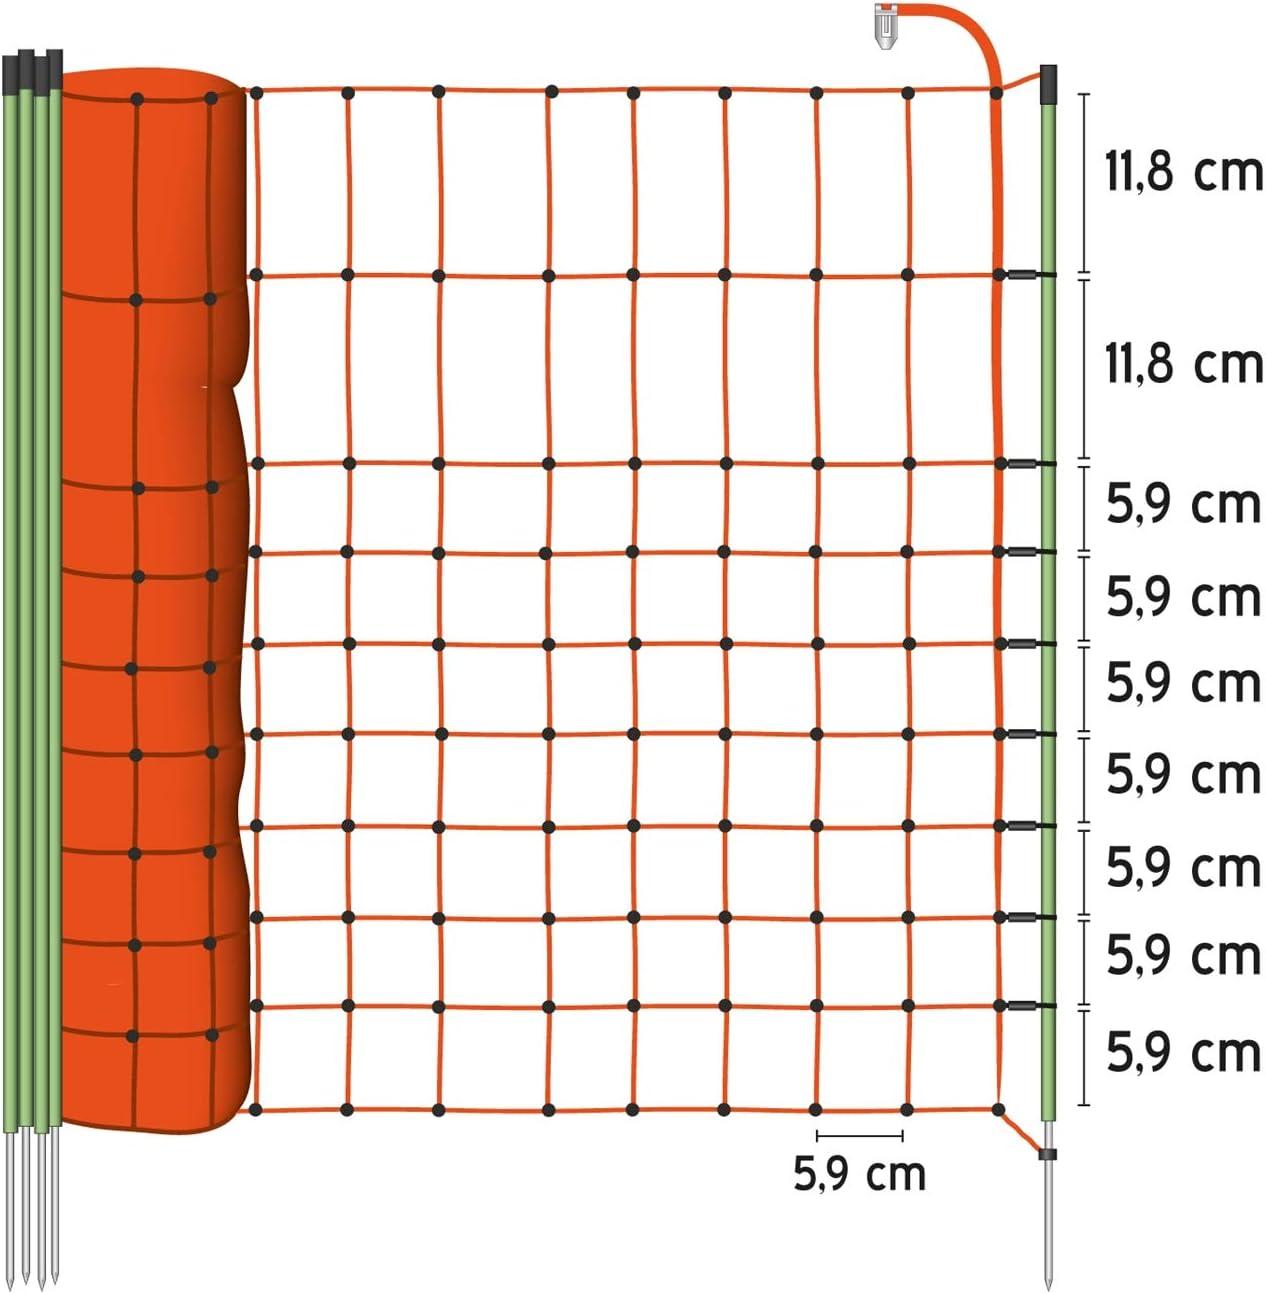 Weidezaun 65cm VOSS.farming 50m Wildschutz-Netz zur Abwehr gegen Fischotter Garteneinz/äunung Beetschutz Hundezaun Katzenzaun 1 Spitze Weidezaunnetz H/ühnerzaun